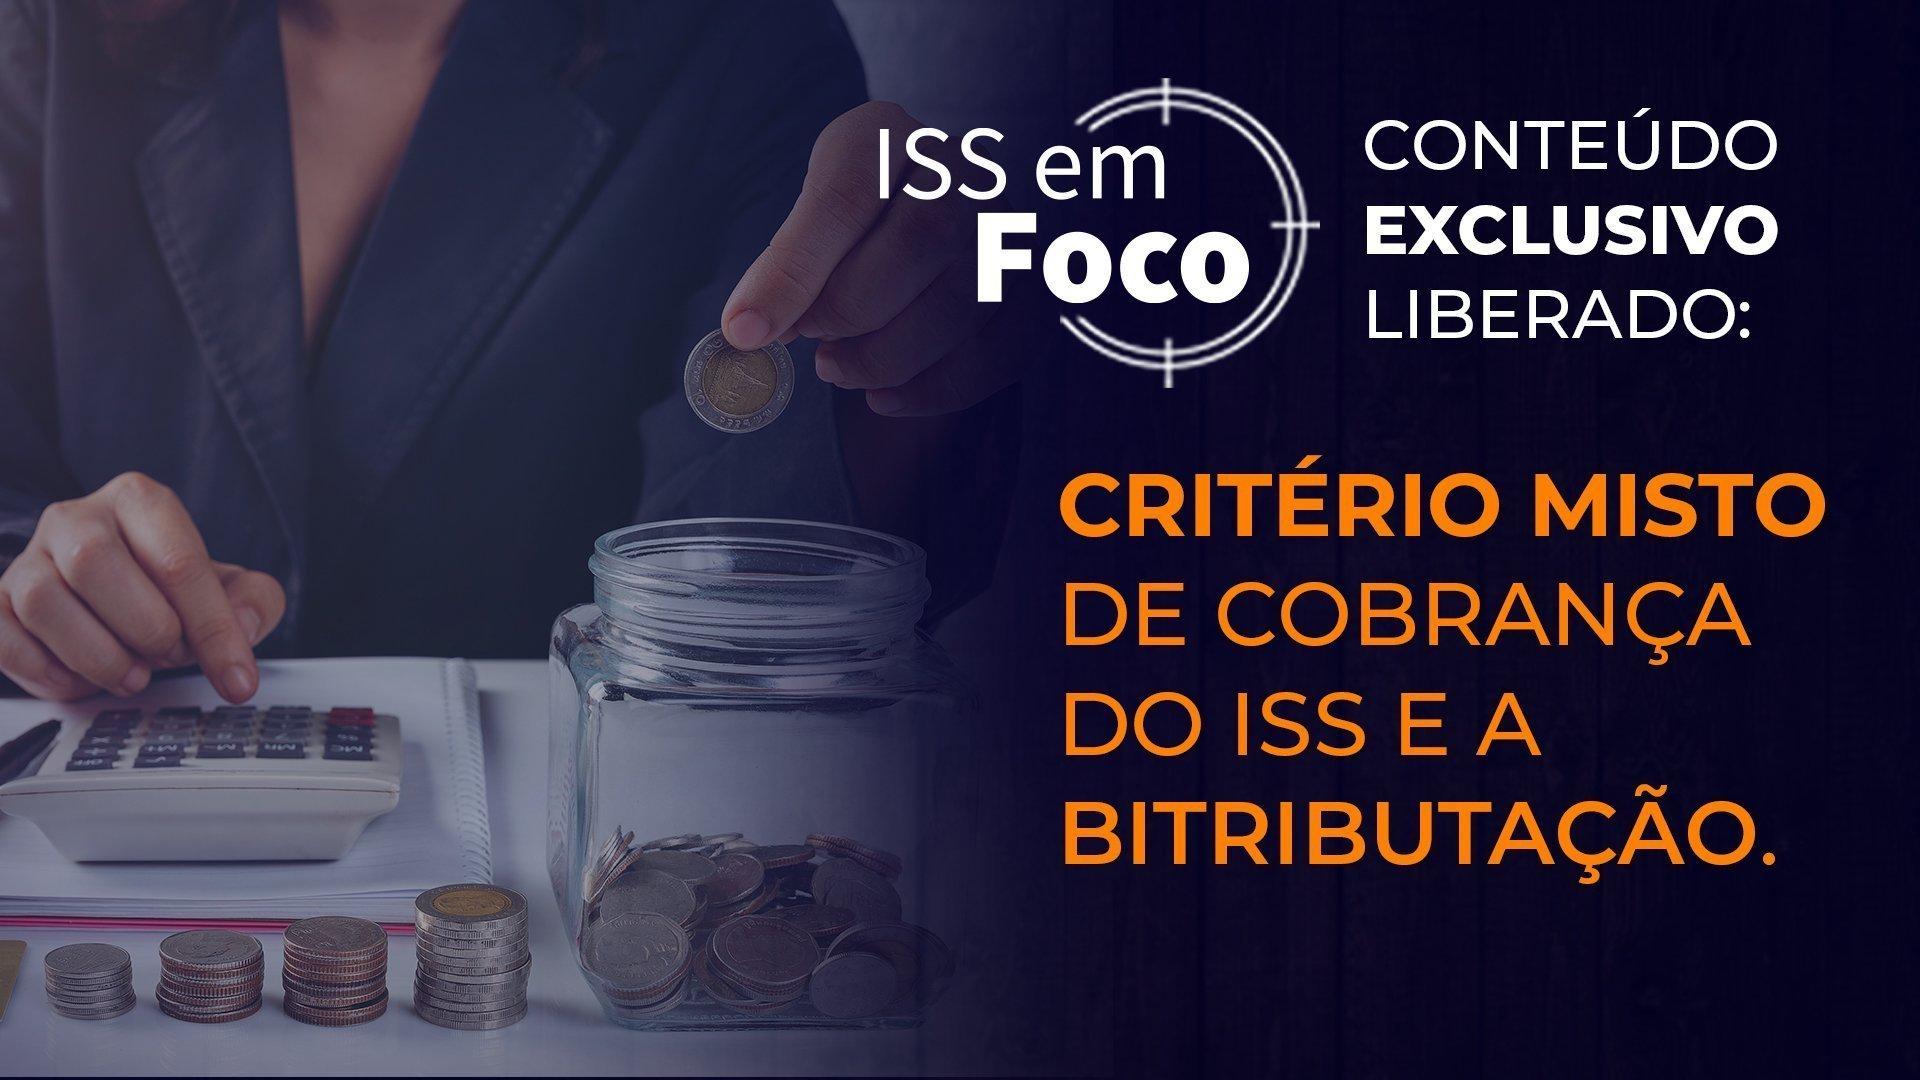 criterio-misto-de-cobranca-do-iss-e-a-bitributacao